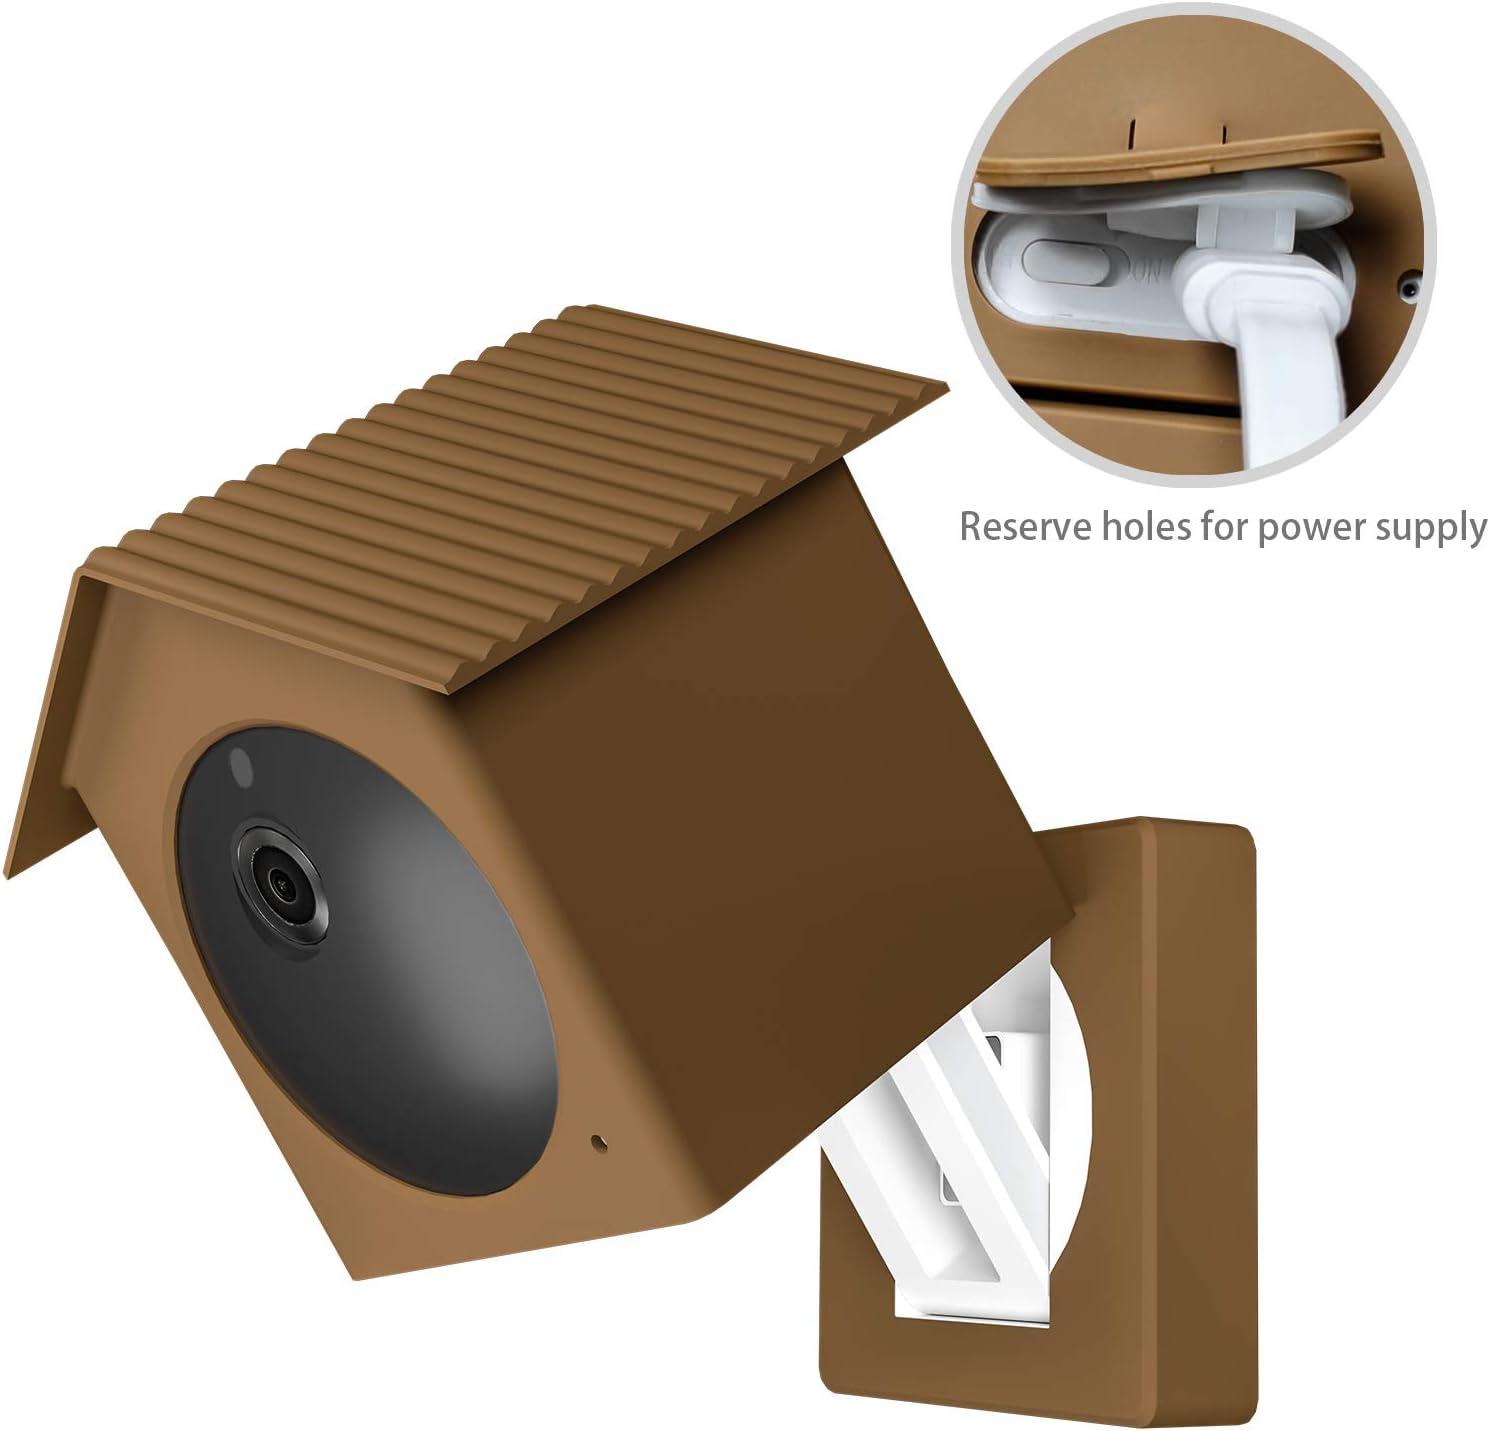 marrone, 1 pezzo BECEMURU Wyze Cam Telecamera di sicurezza esterna Tetto Proteggere e Camma camuffamento con luce UV e resistente alle intemperie in silicone per Wyze Cam Outdoor Camera